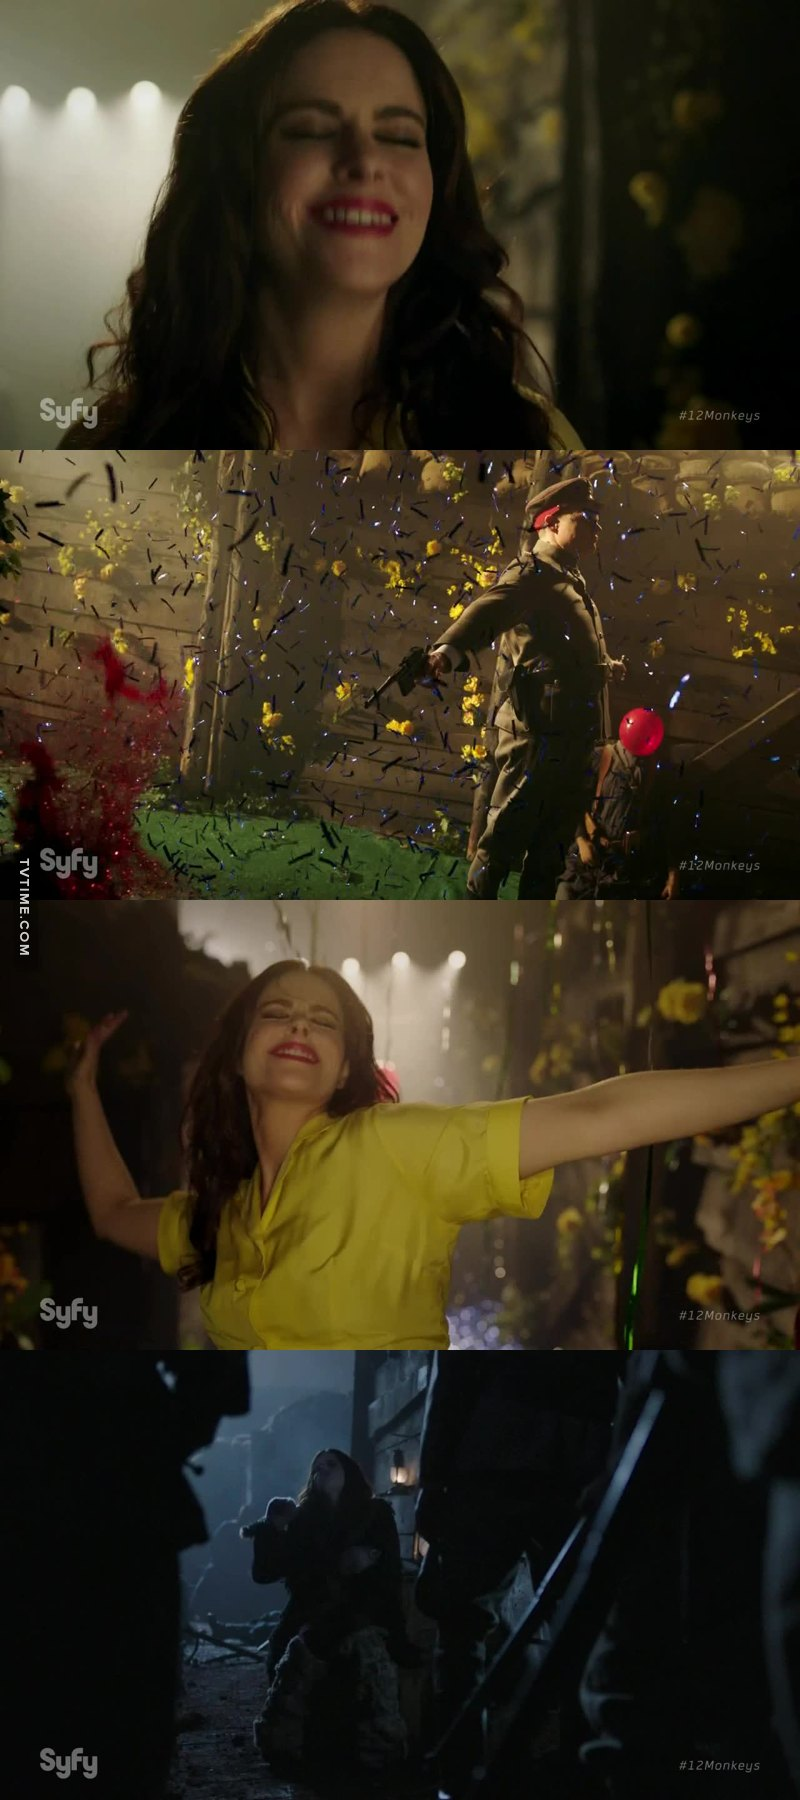 Jennifer é demais, no meio da guerra podendo ser morta e imaginando algo super divertido e até mesmo cantando claramente a melhor personagem